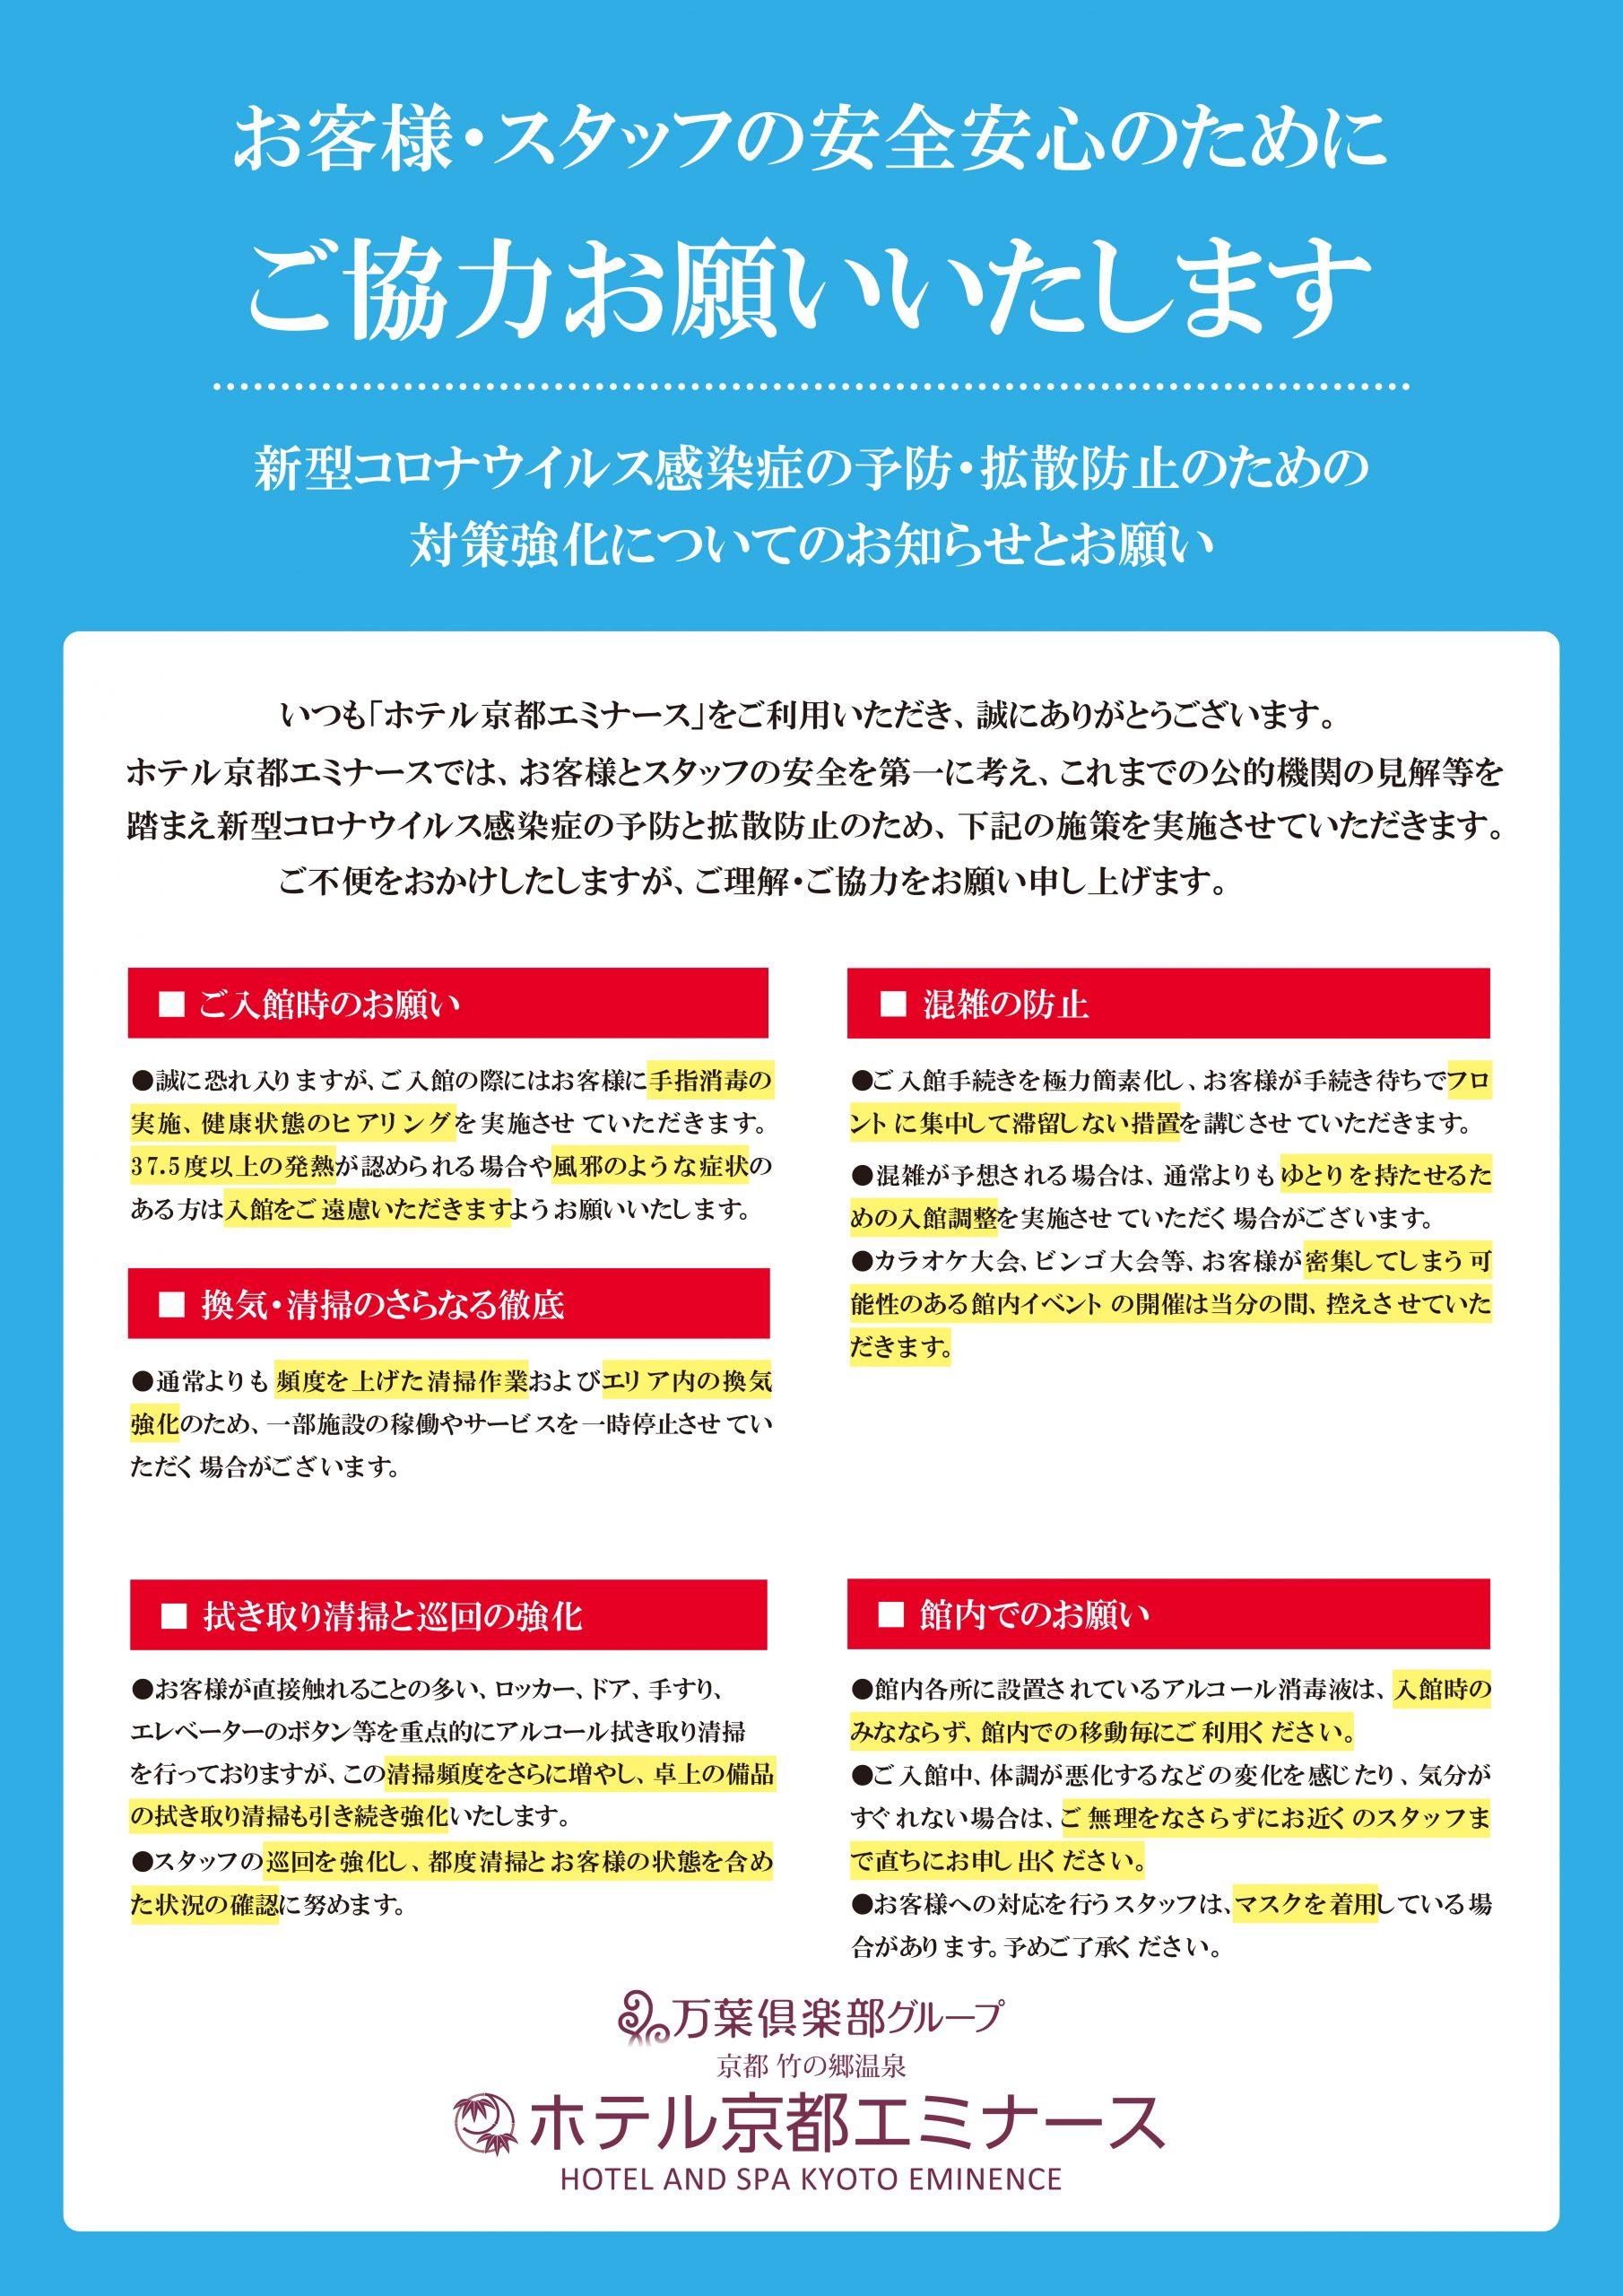 2021/4/11 春の歌謡ショー&カラオケ 〜2021〜注意事項